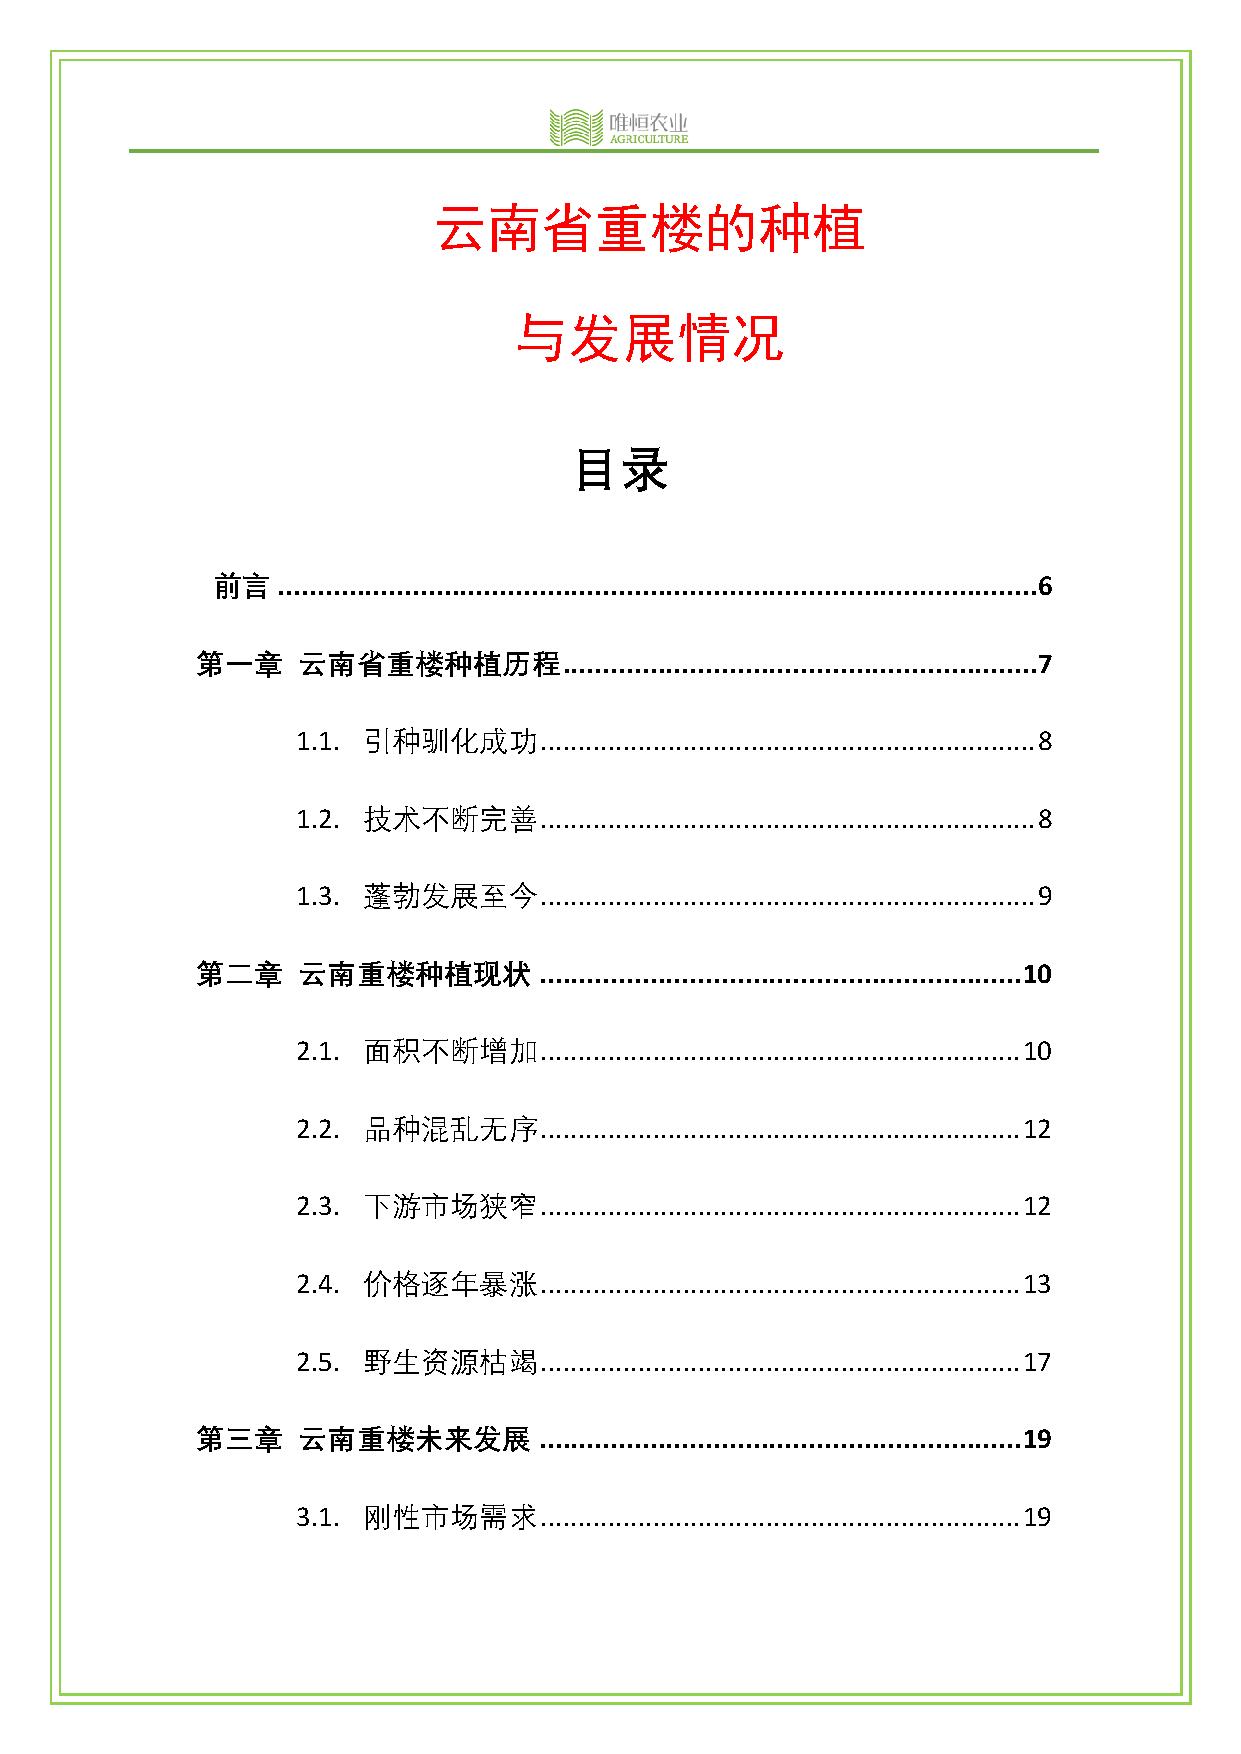 唯恒农业:云南省重楼的种植与发展情况